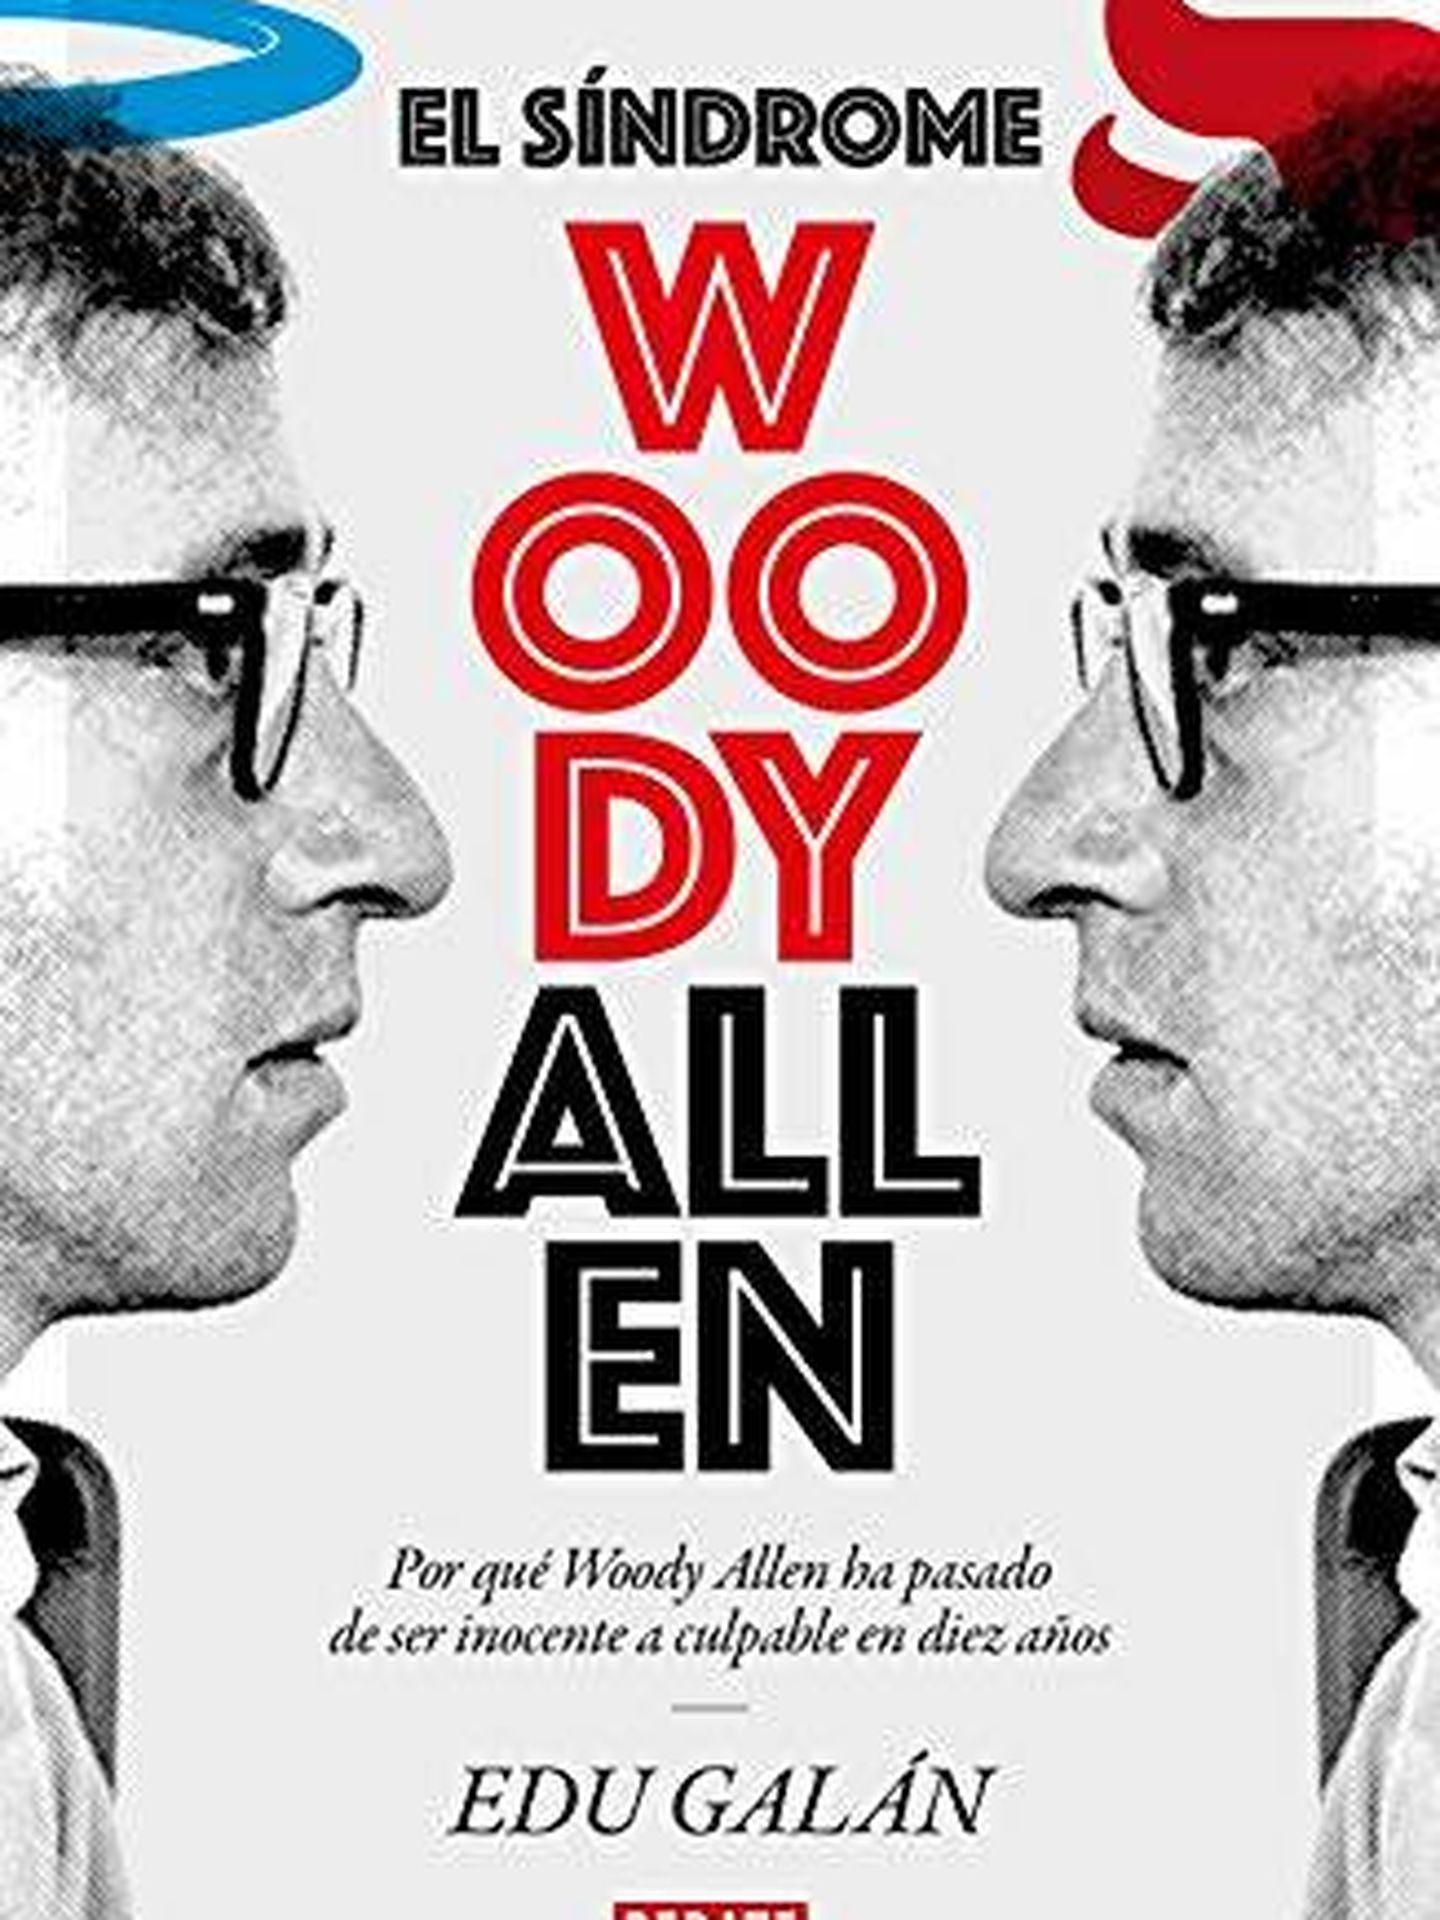 'El síndrome Woody Allen'.